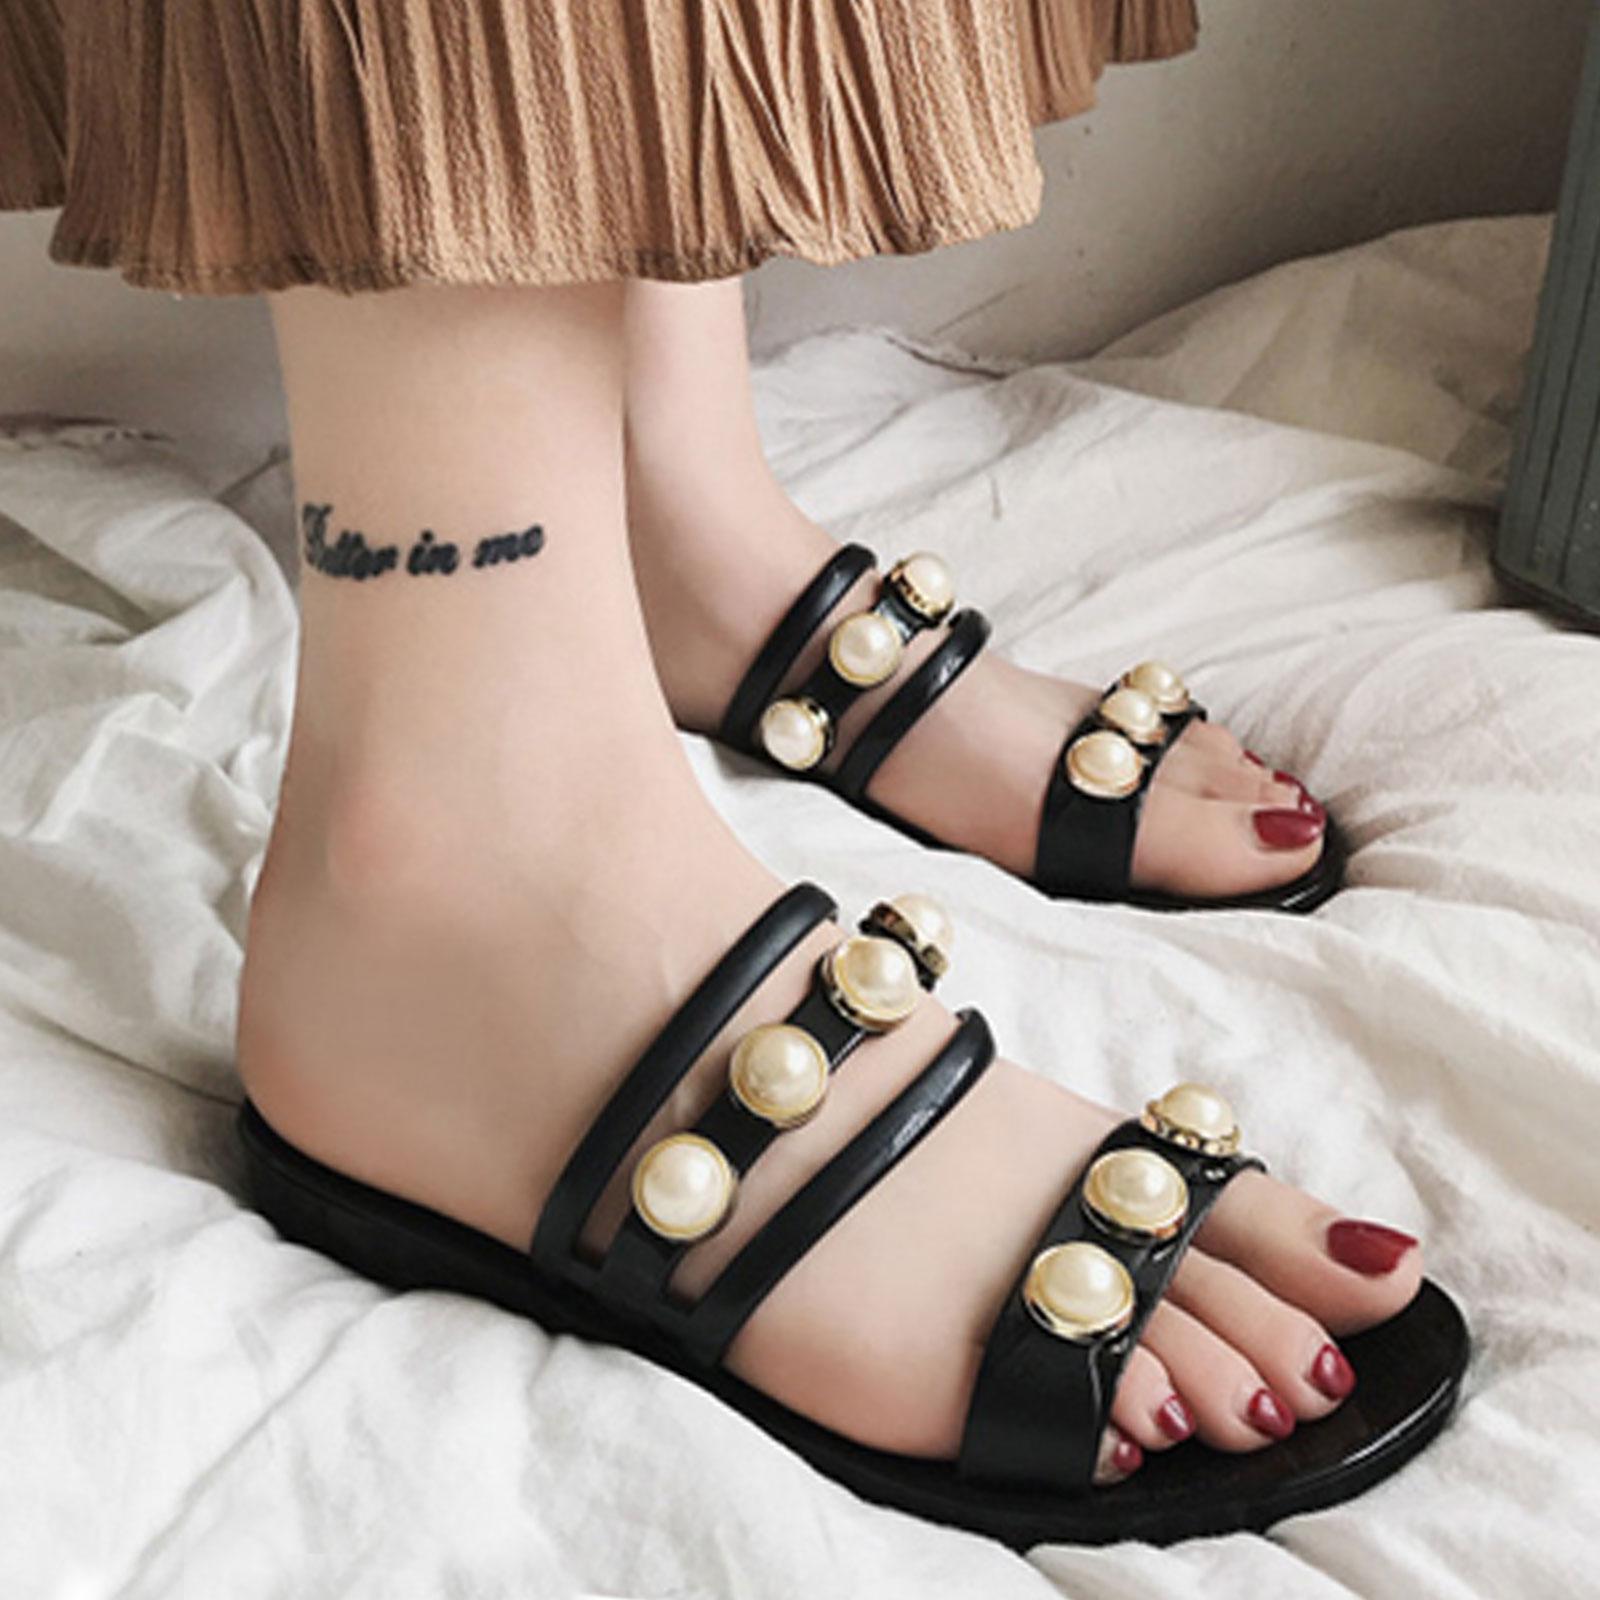 拖鞋 防雨 韓版氣質珍珠一字拖平底拖鞋【S1707】☆雙兒網☆ 2